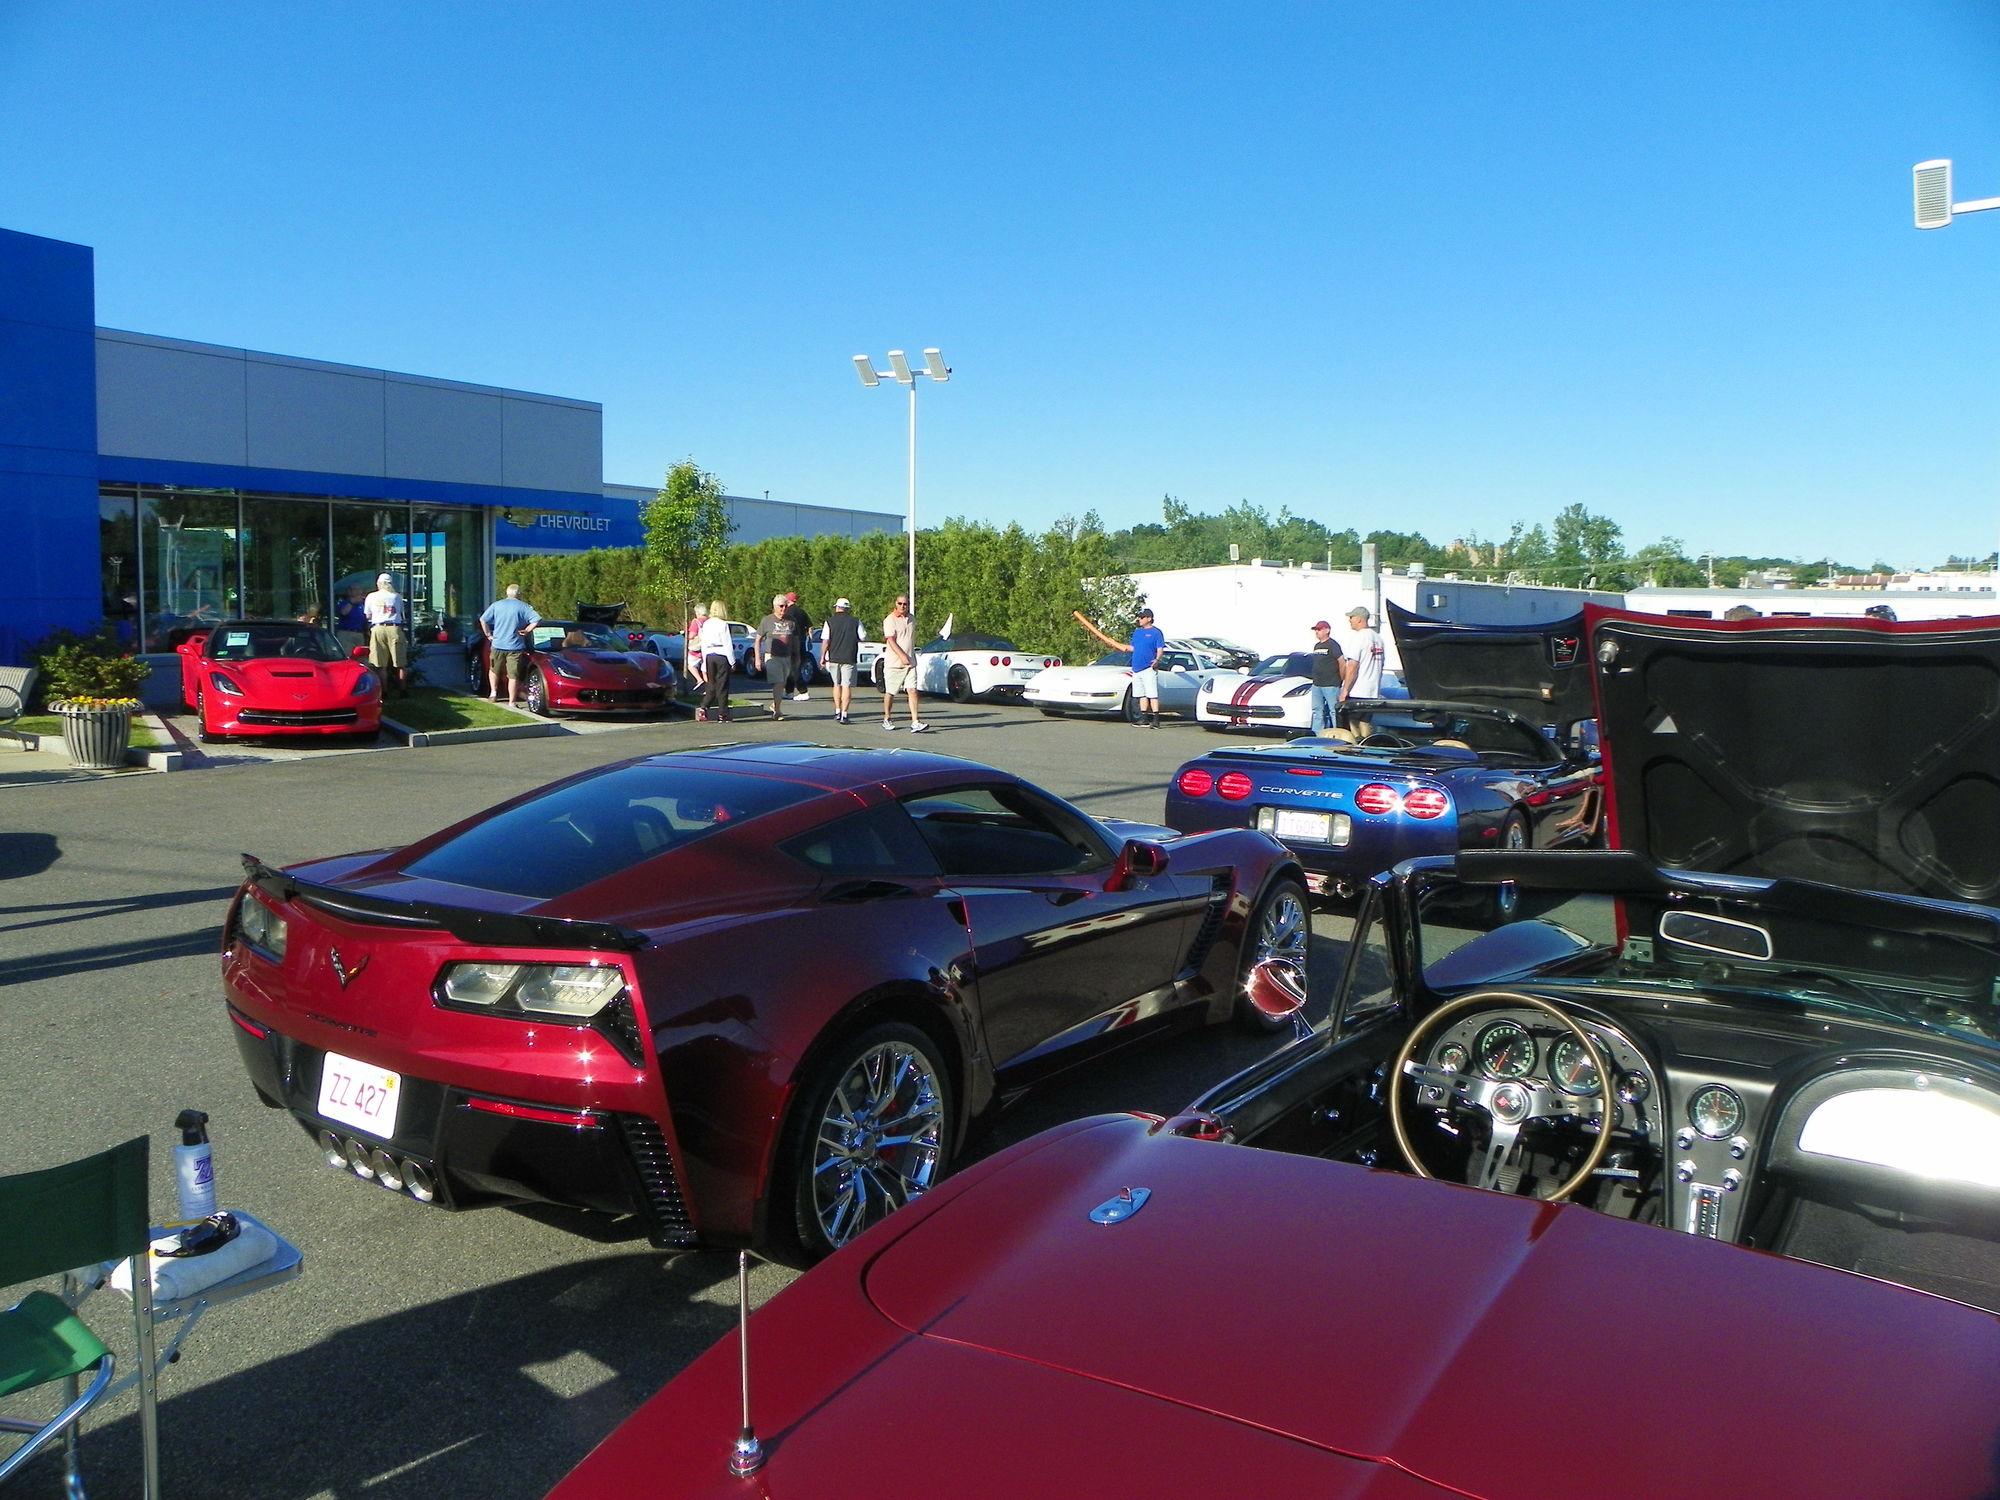 Paul Masse Chevrolet >> Paul Masse Vettacular; June 18th - CorvetteForum - Chevrolet Corvette Forum Discussion